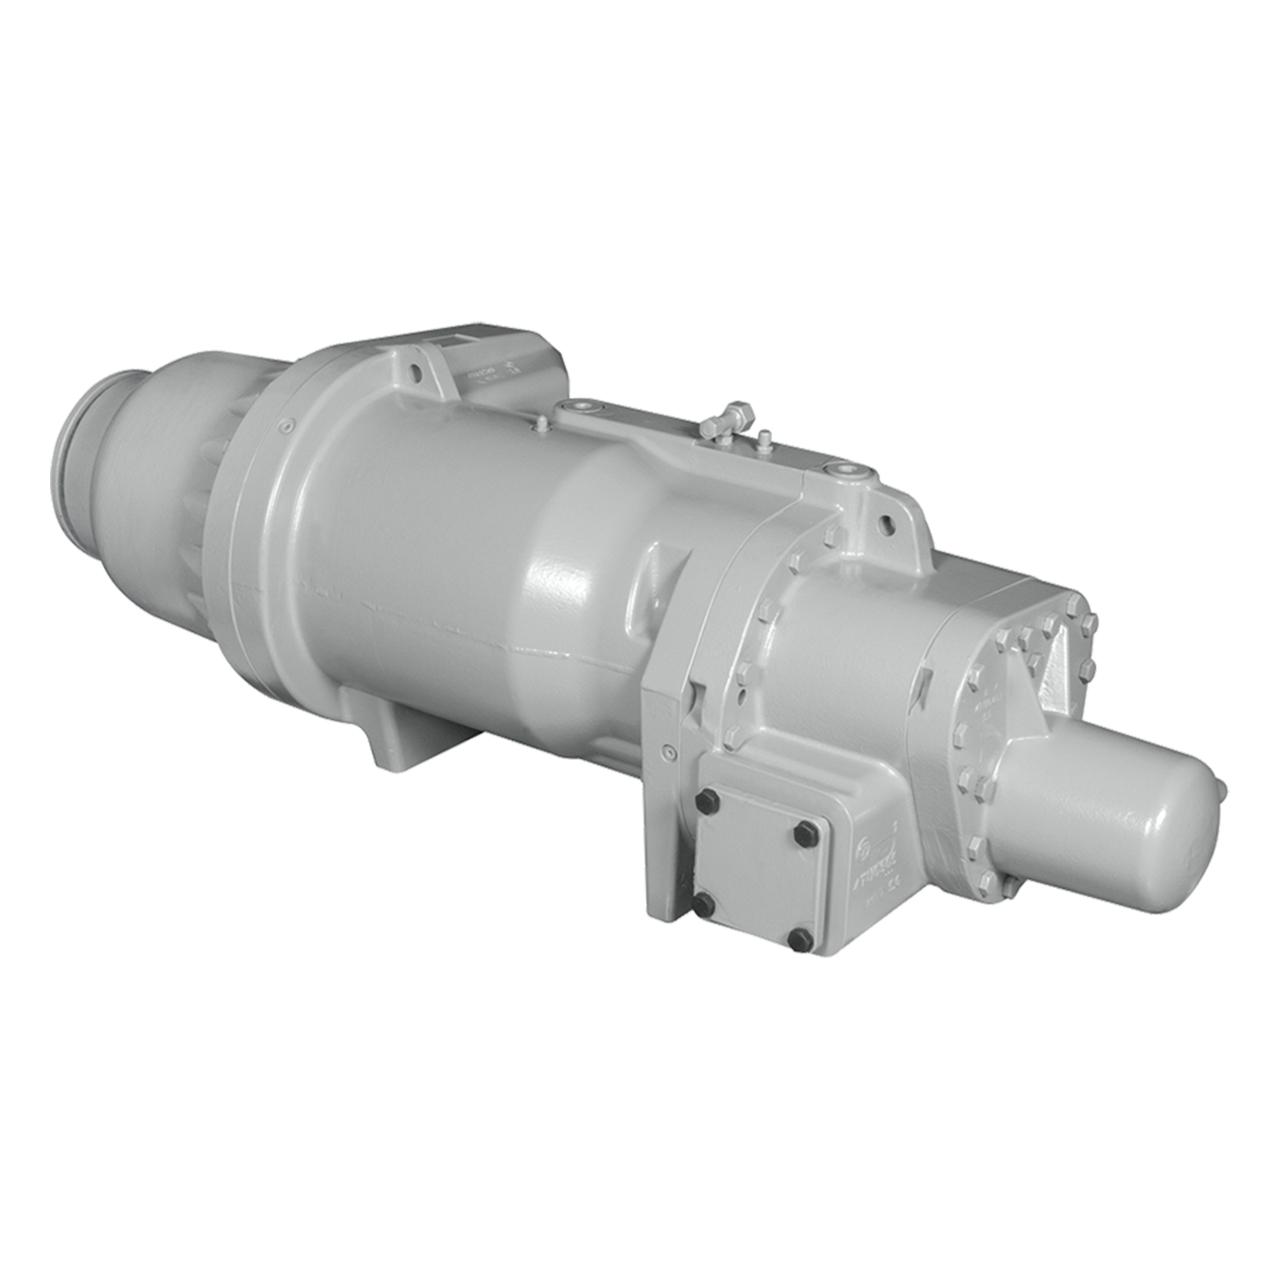 carlyle-compressor-06tu